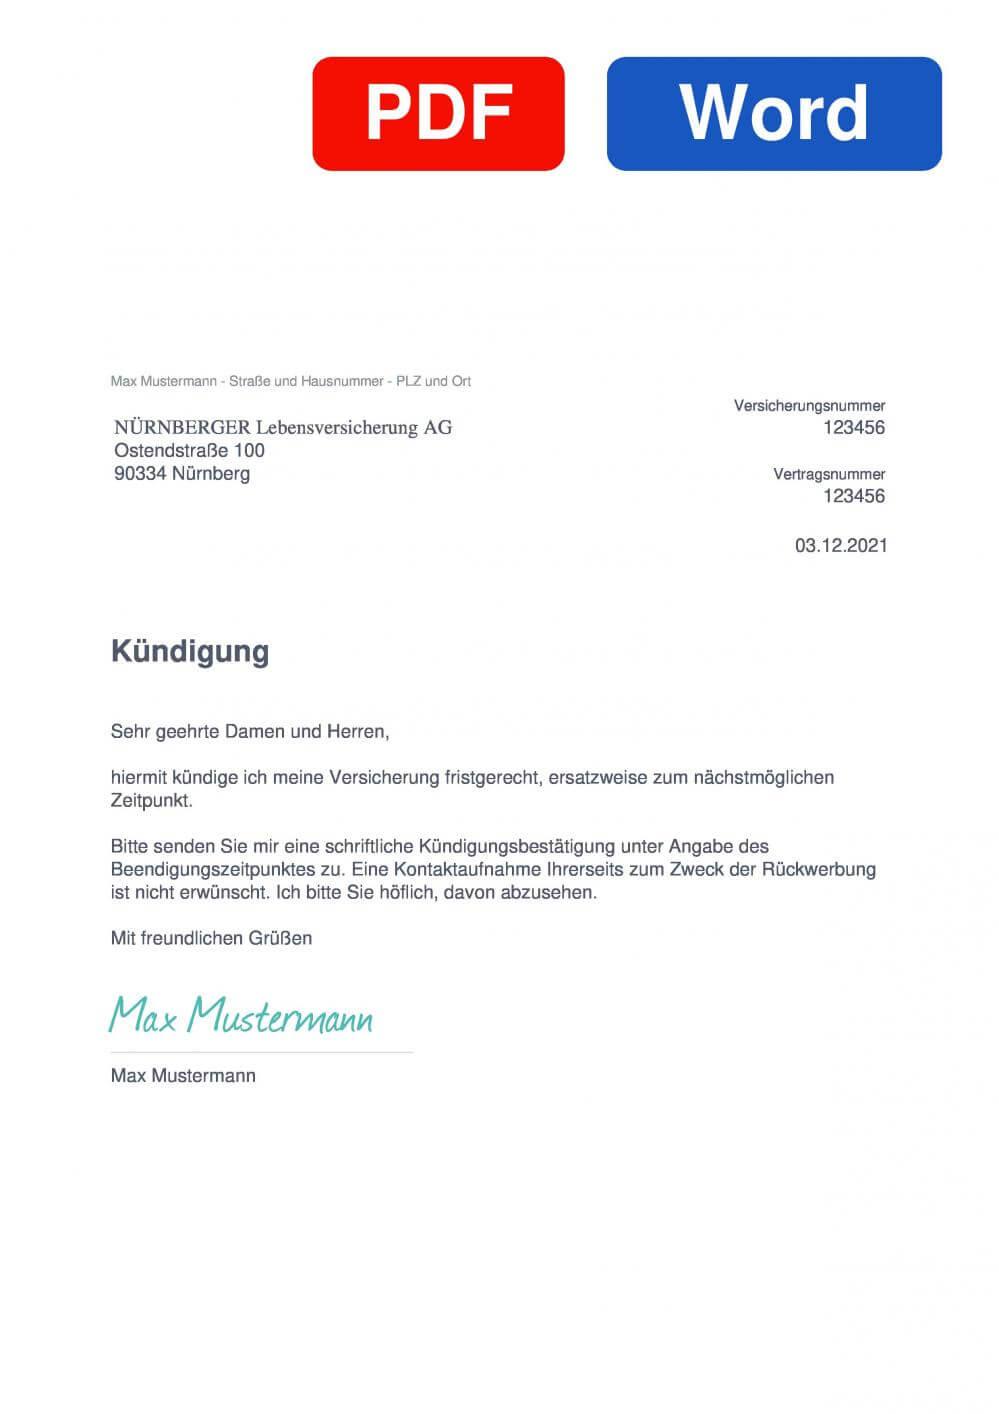 NÜRNBERGER Betriebliche Altersvorsorge Muster Vorlage für Kündigungsschreiben